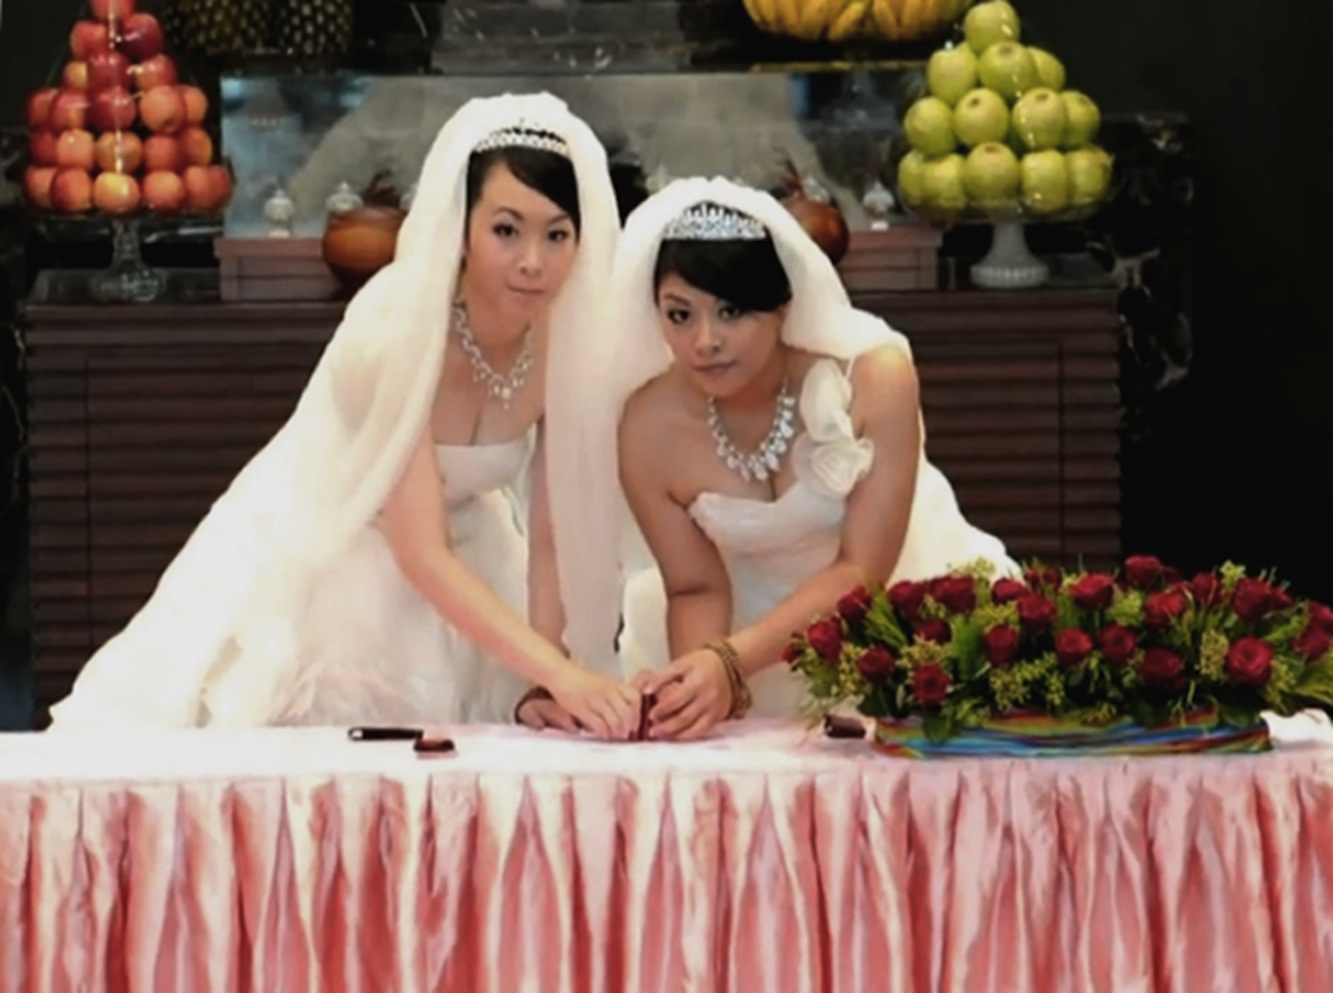 Свадьба лесбиянок фото 17 фотография